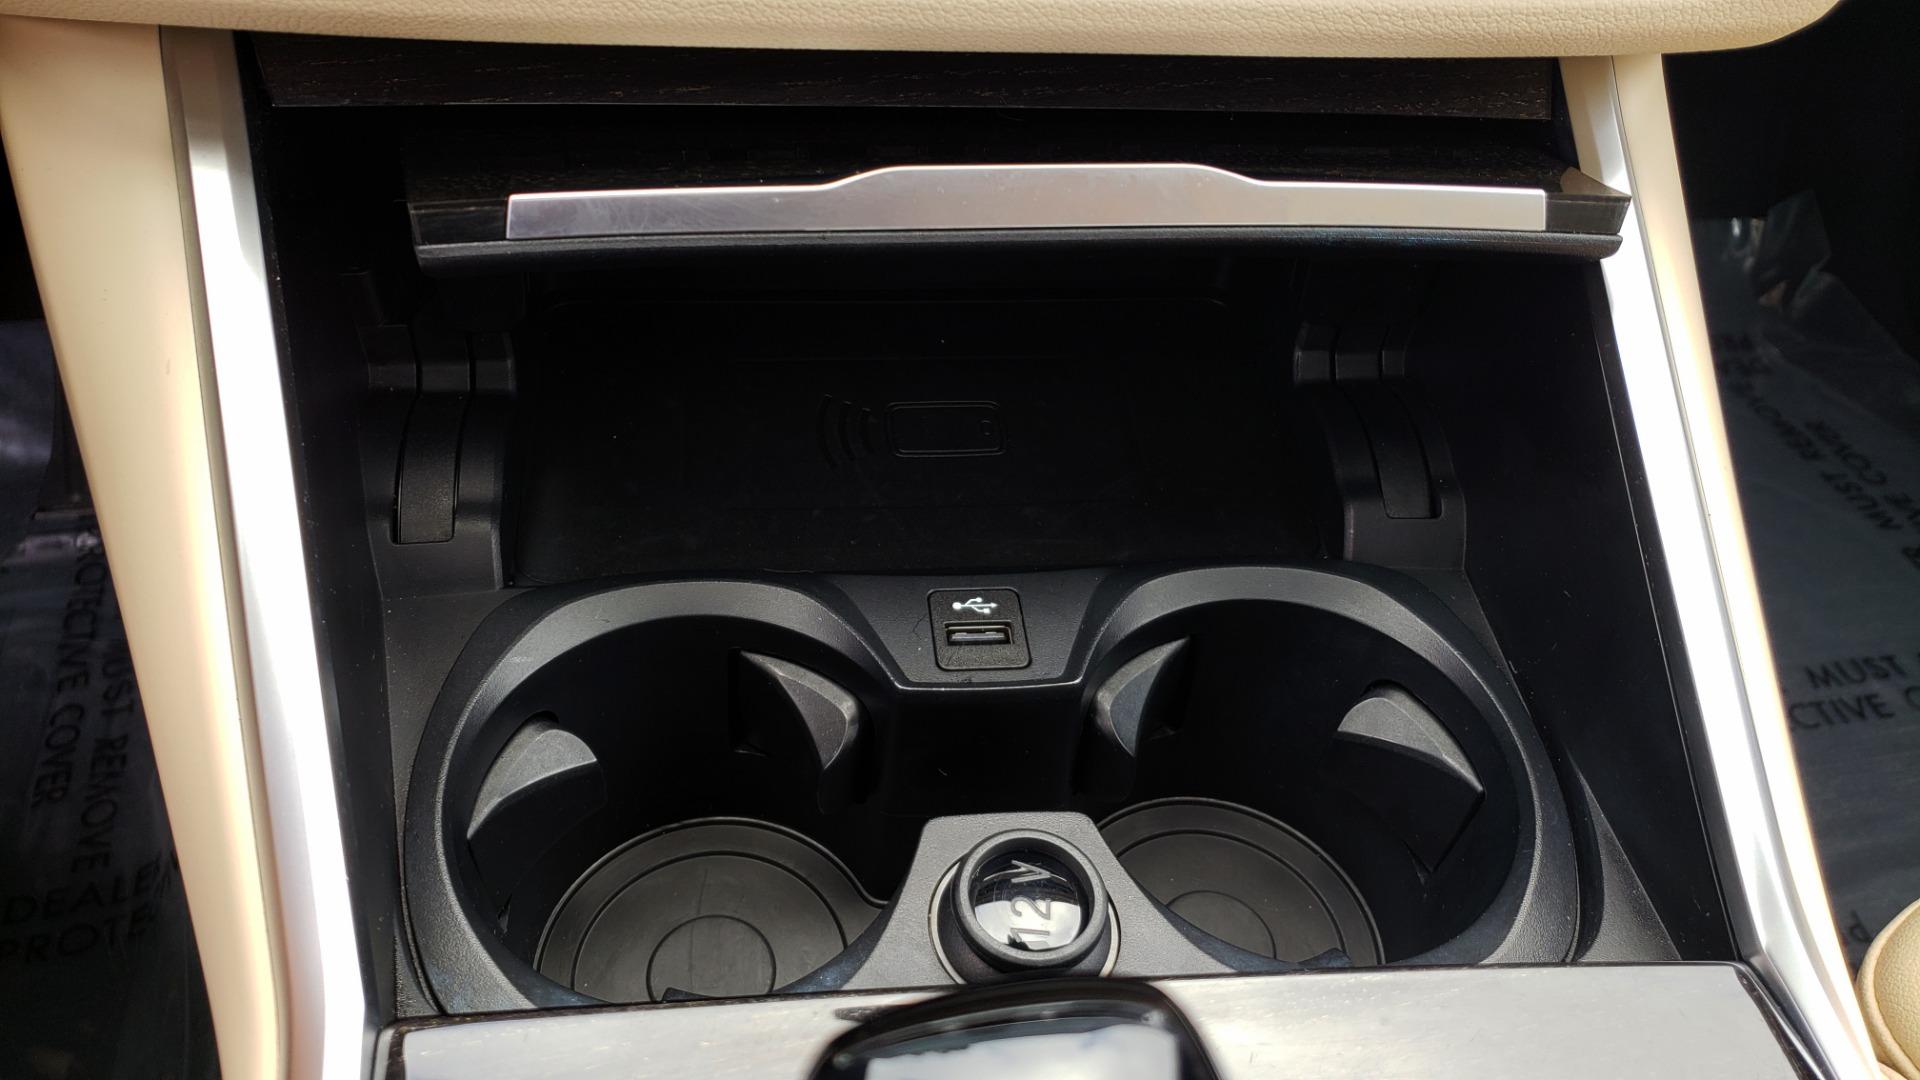 Used 2019 BMW 3 SERIES 330I PREM PKG / NAV / CONV PKG / H&K SND / LIVE COCKPIT PRO for sale Sold at Formula Imports in Charlotte NC 28227 51